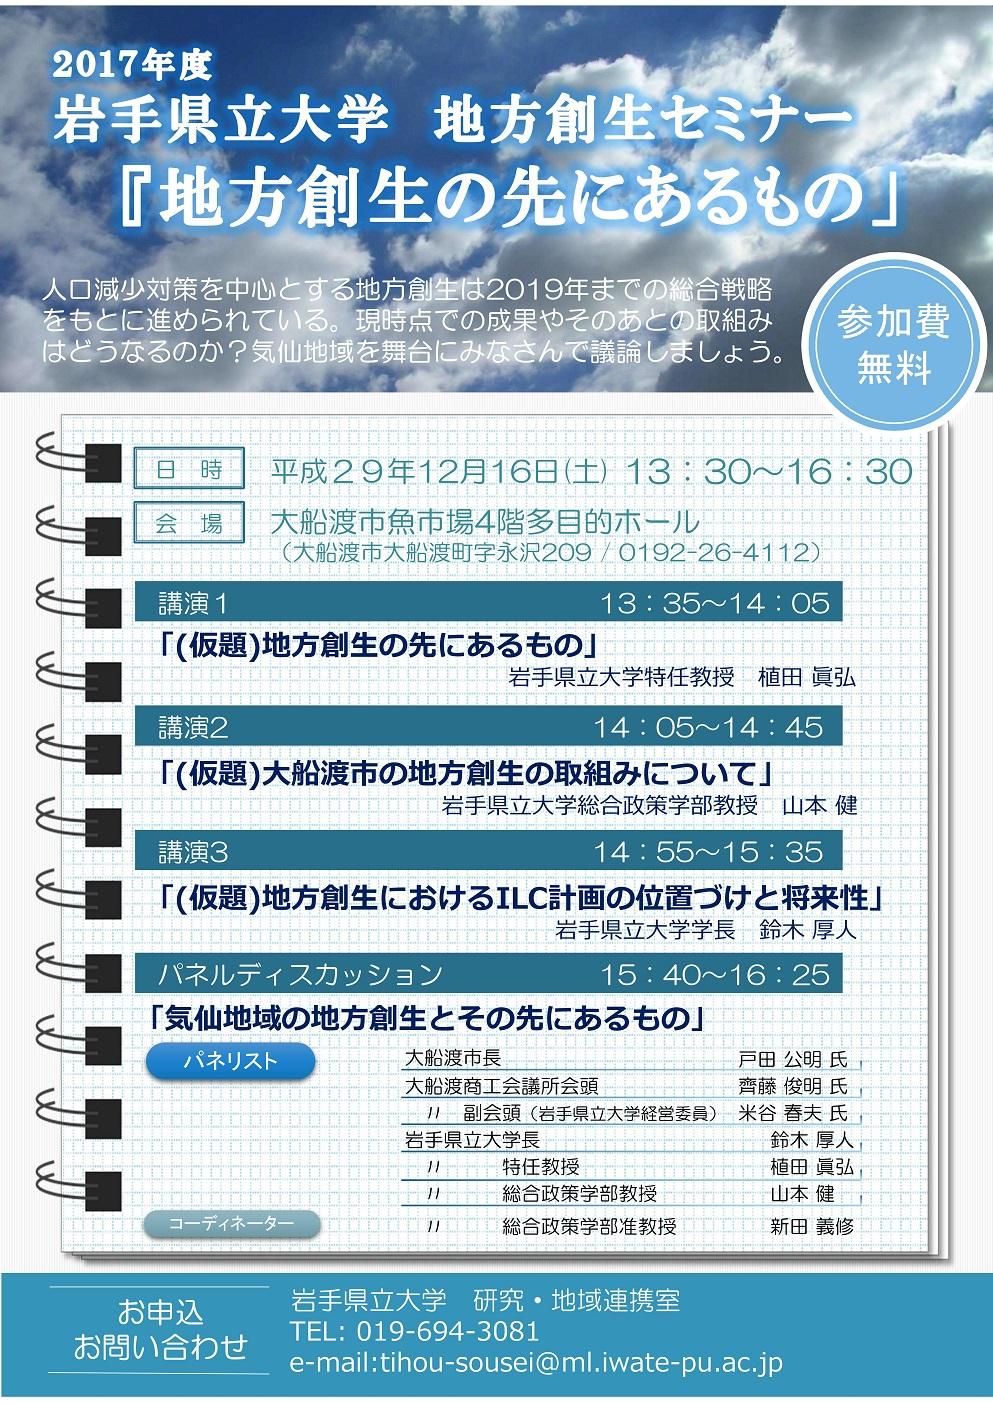 2017.12.16 地方創生セミナーチラシ.jpg